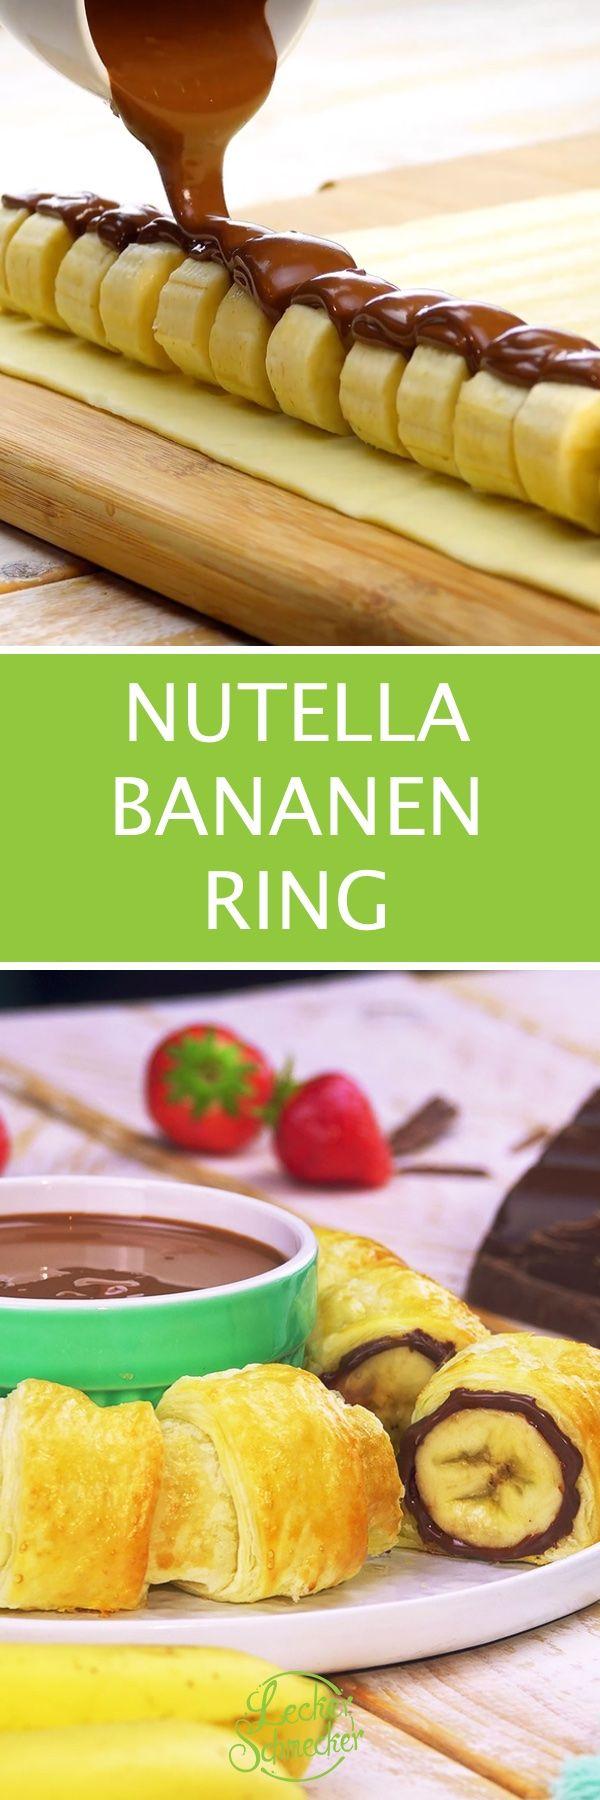 Der Nutella-Bananen-Ring fliegt mit doppelter Scho…